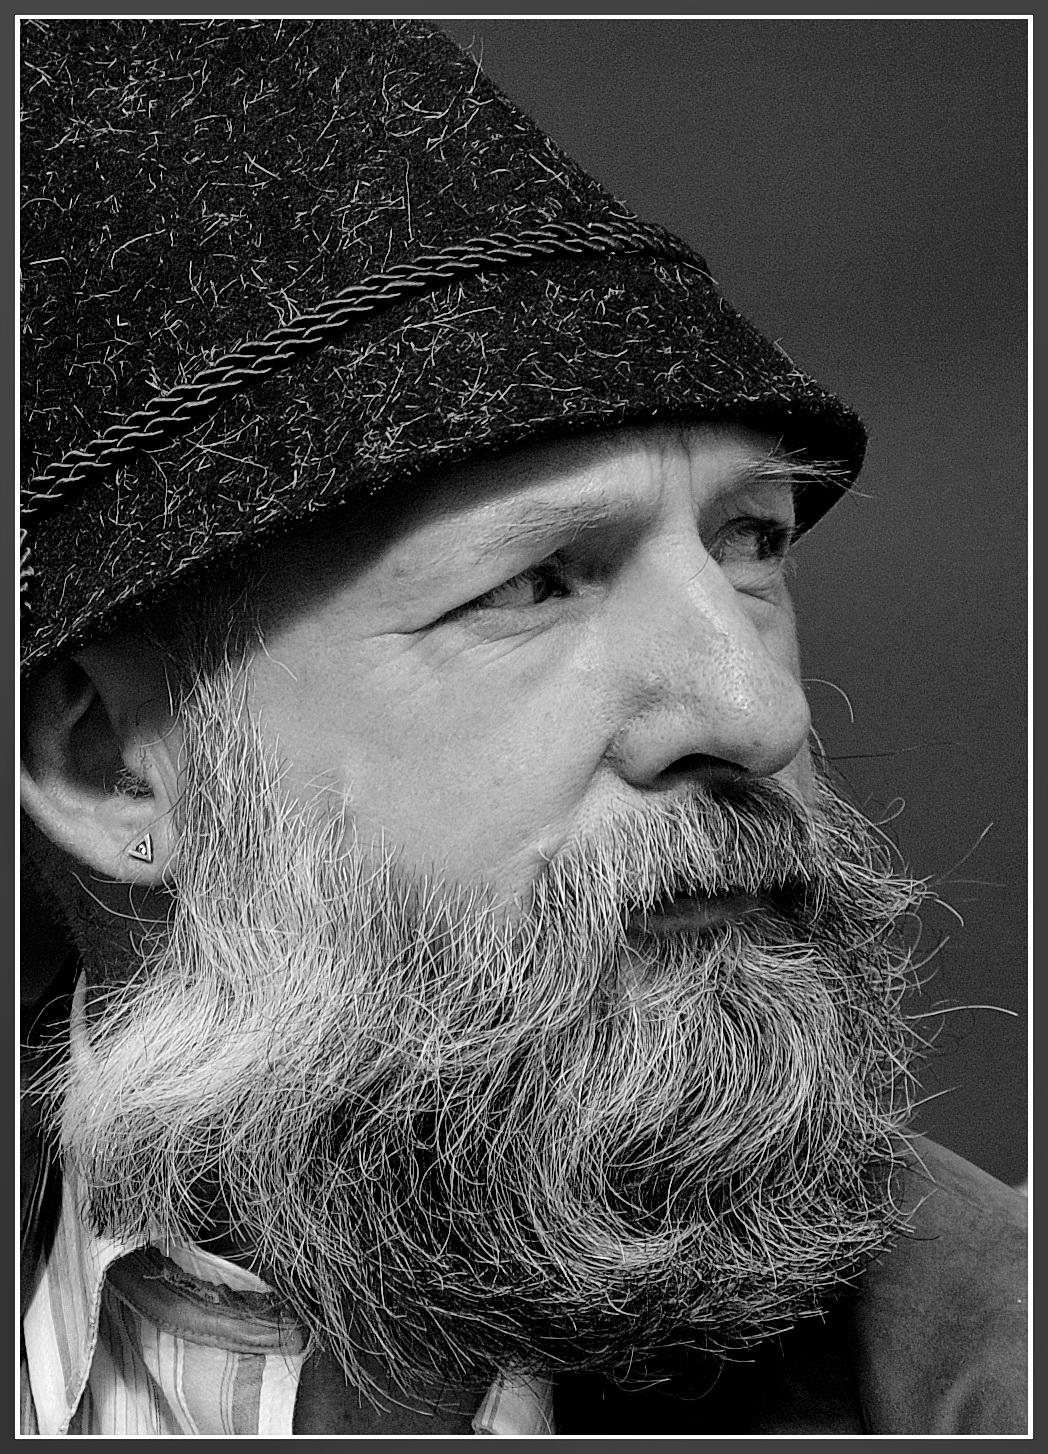 Der Mann mit Bart